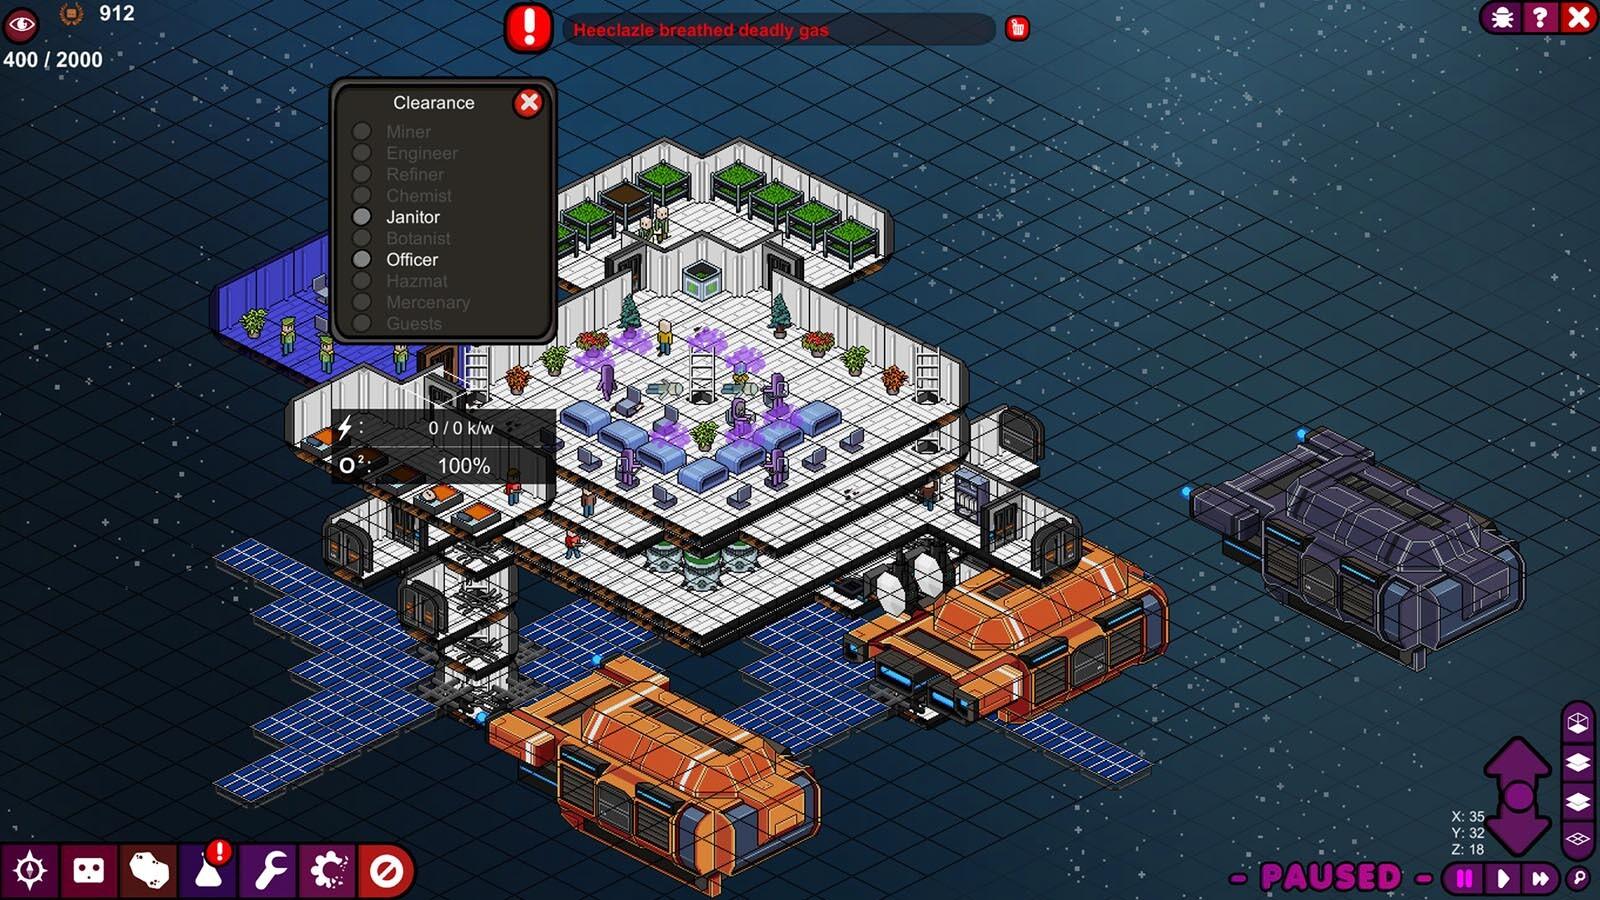 Jeux de simulation de rencontres piraté